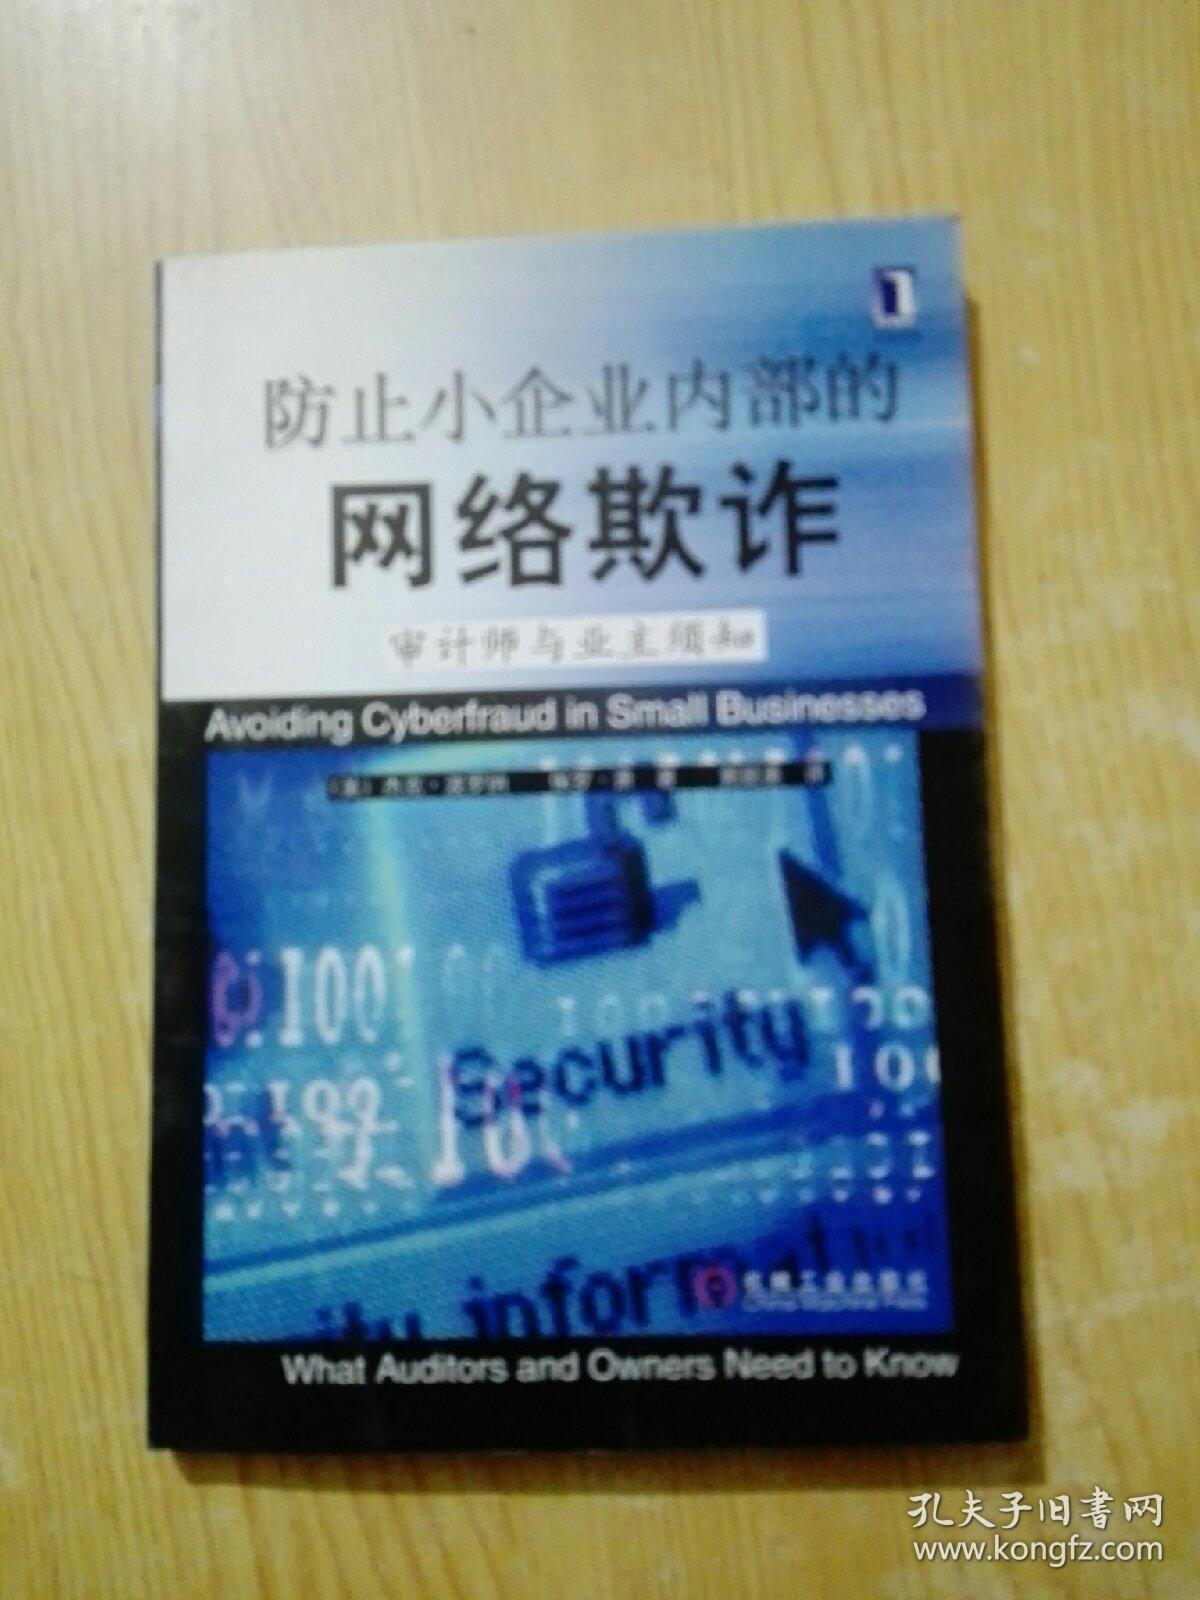 防止小企业内部的网络欺诈